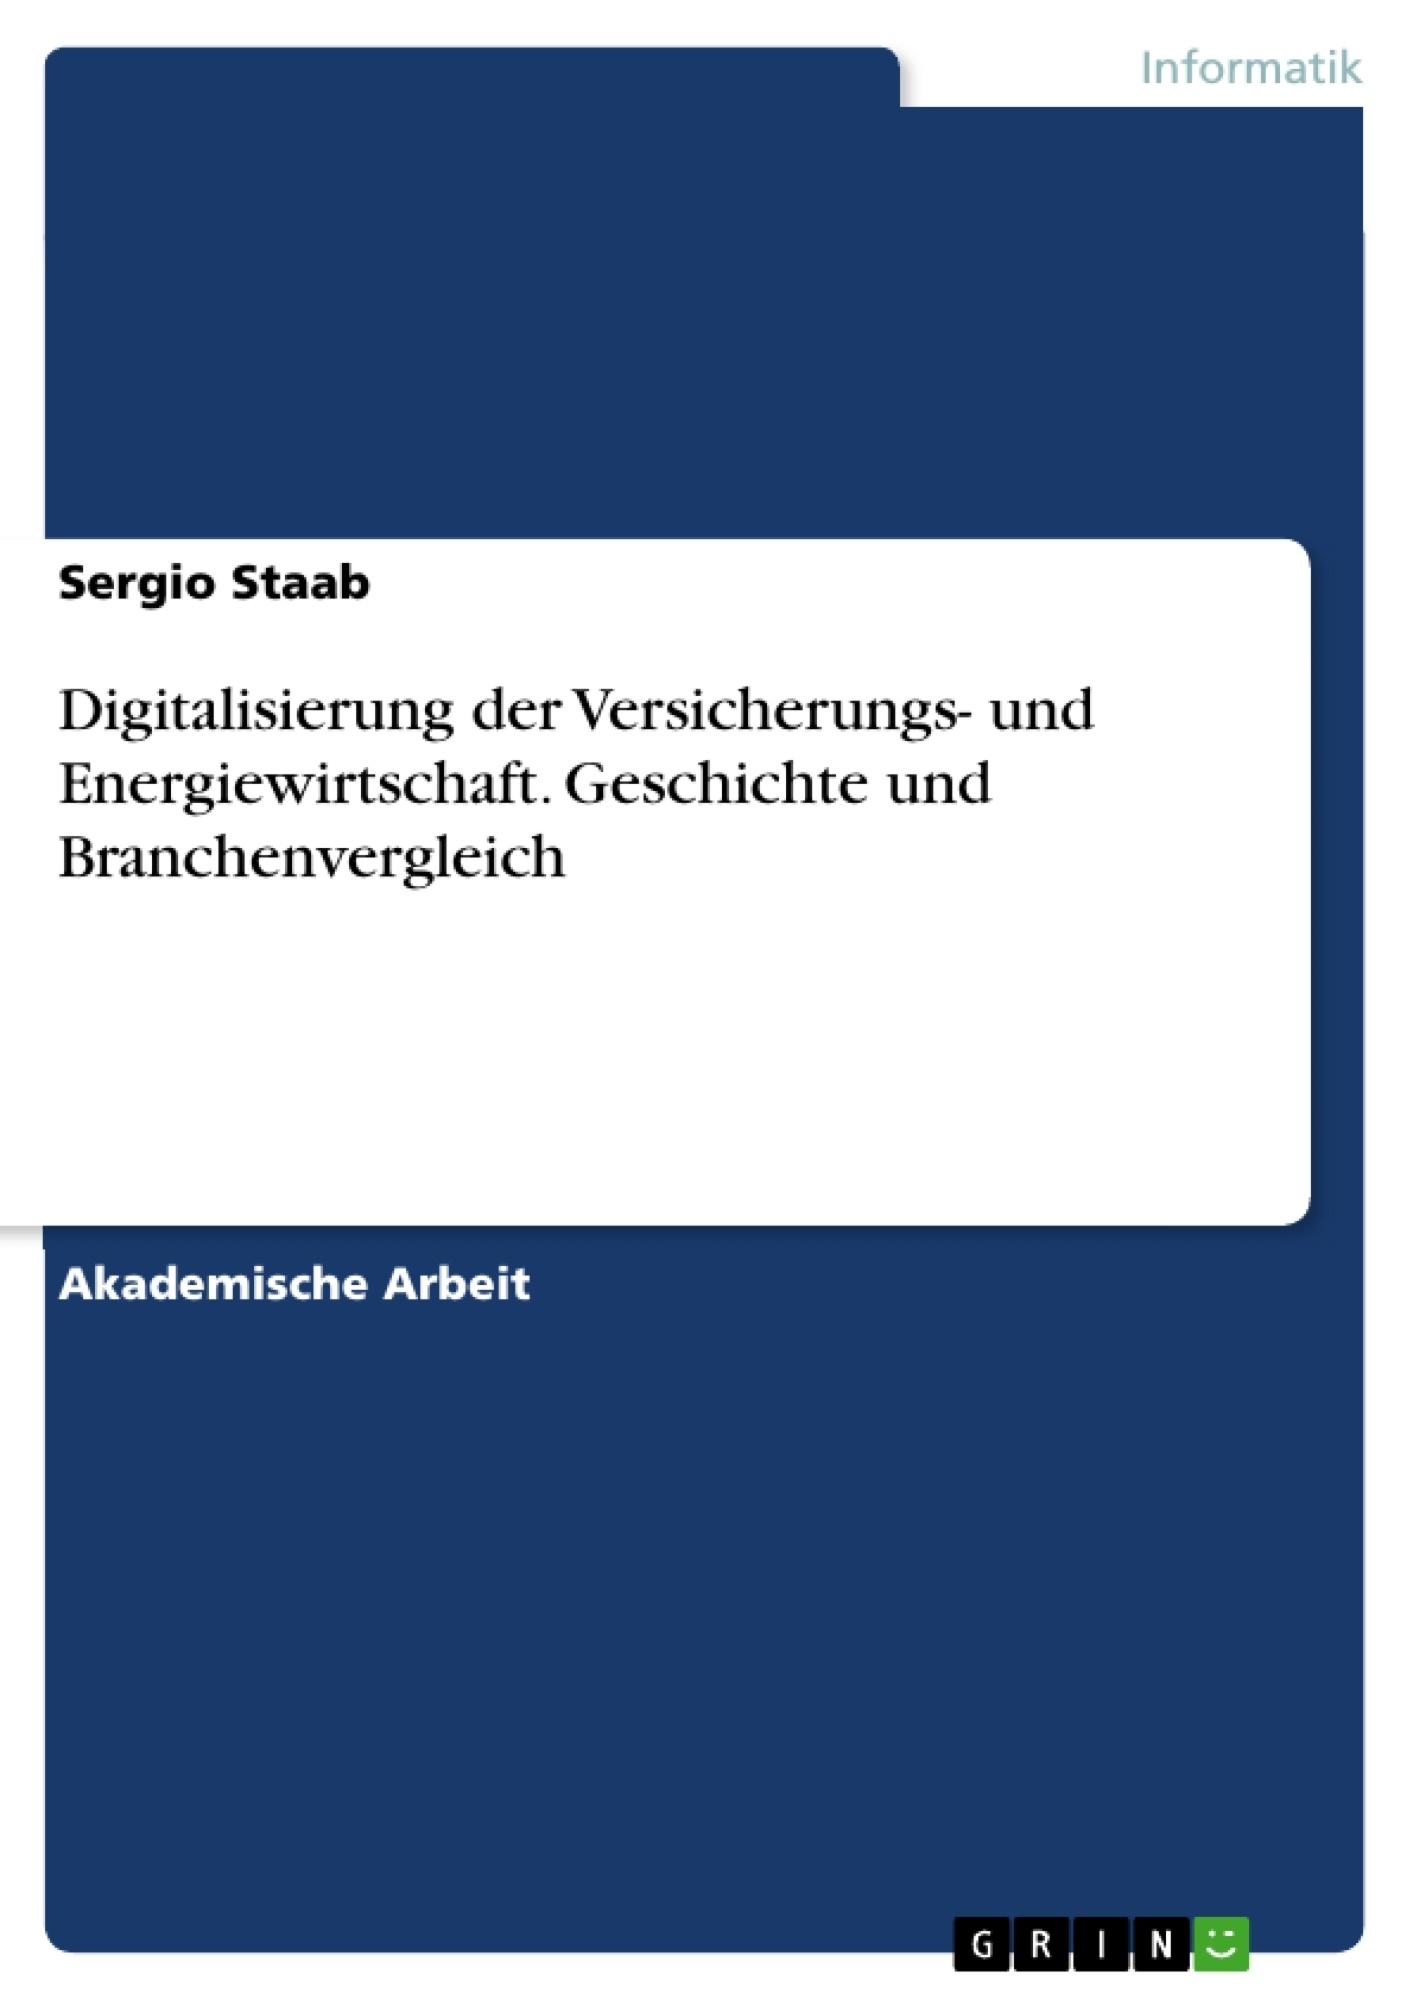 Titel: Digitalisierung der Versicherungs- und Energiewirtschaft. Geschichte und Branchenvergleich